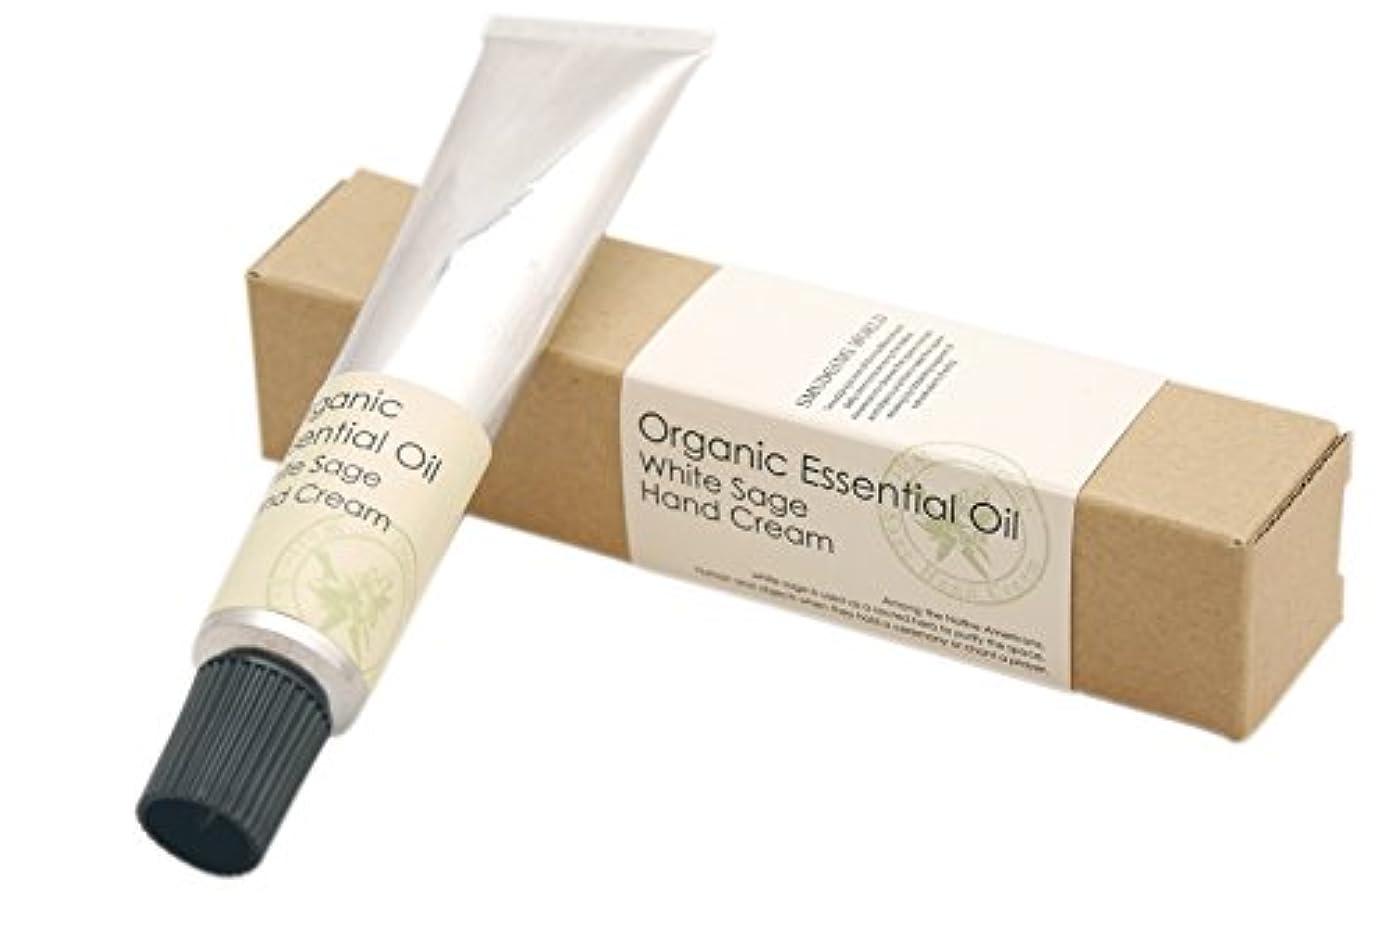 背の高い強います教義アロマレコルト ハンドクリーム ホワイトセージ 【White Sage】 オーガニック エッセンシャルオイル organic essential oil hand cream arome recolte